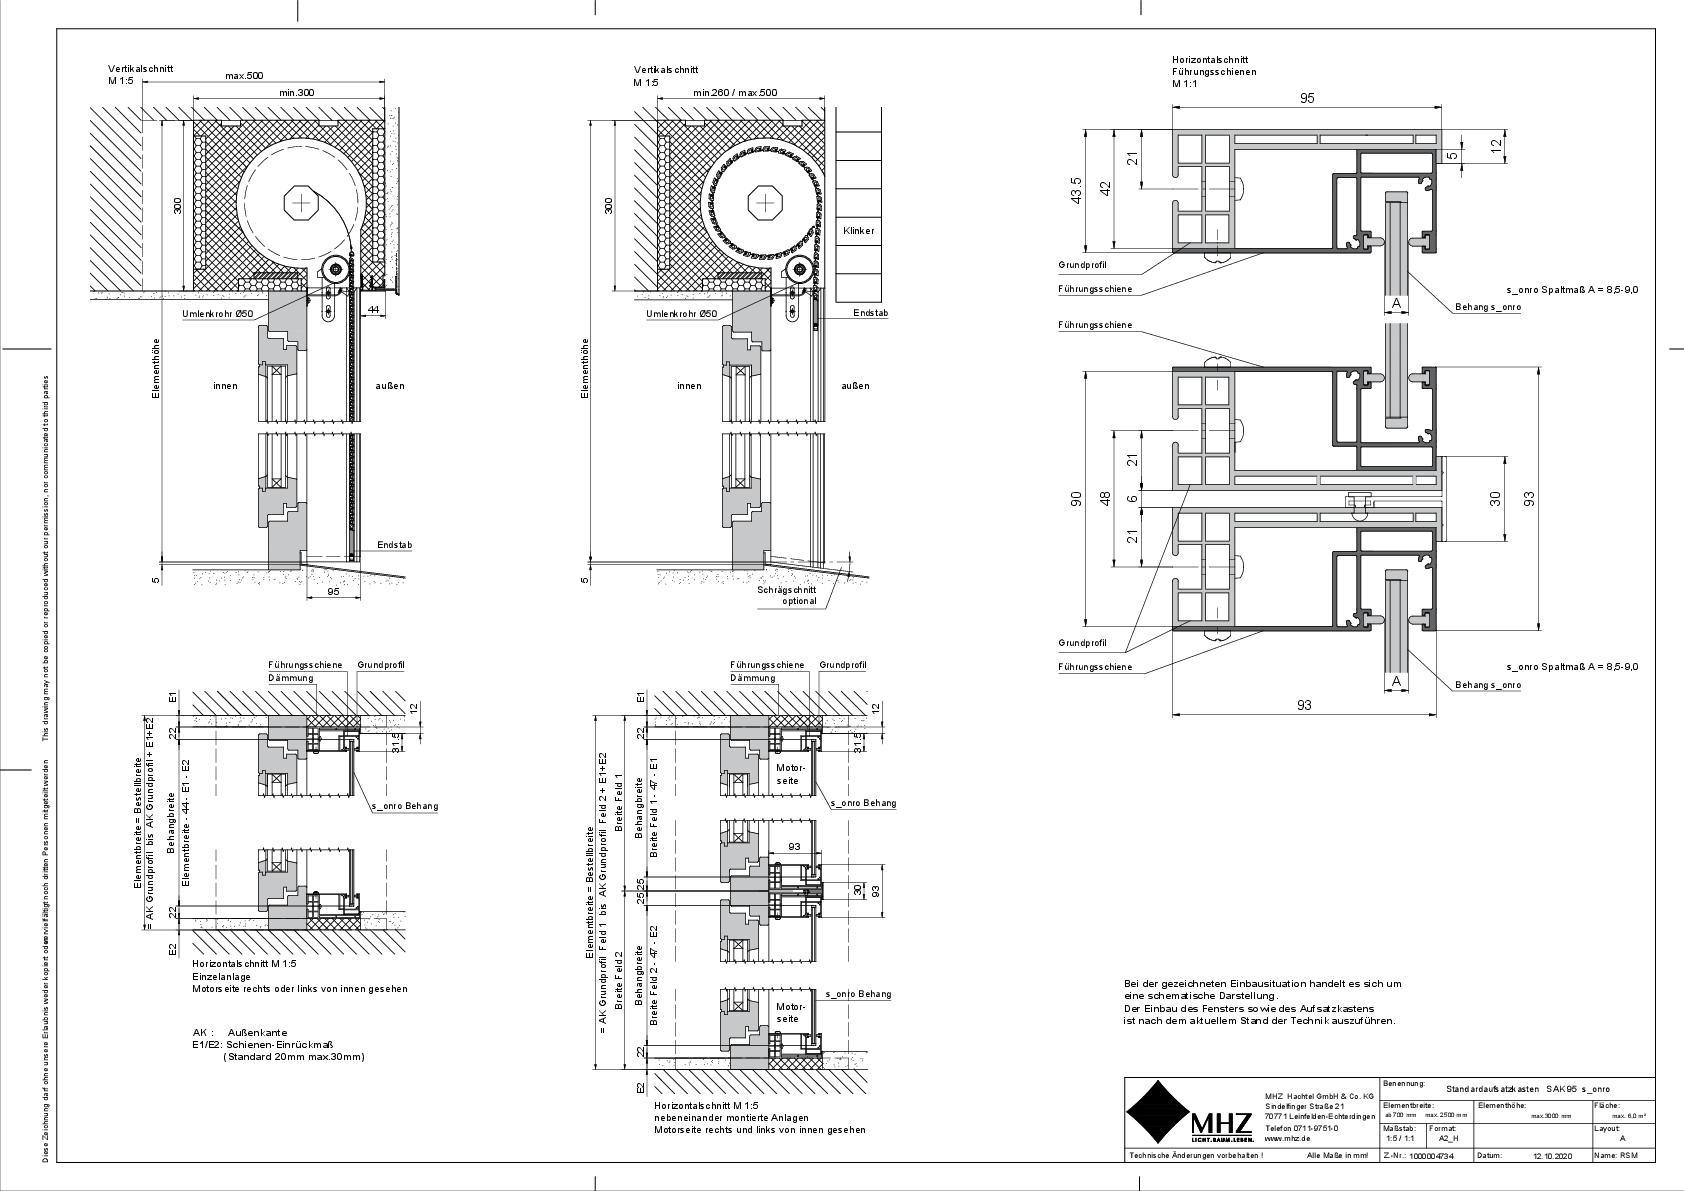 Technische Zeichnung Aufsatzkasten SAK_95 s_onro (pdf)